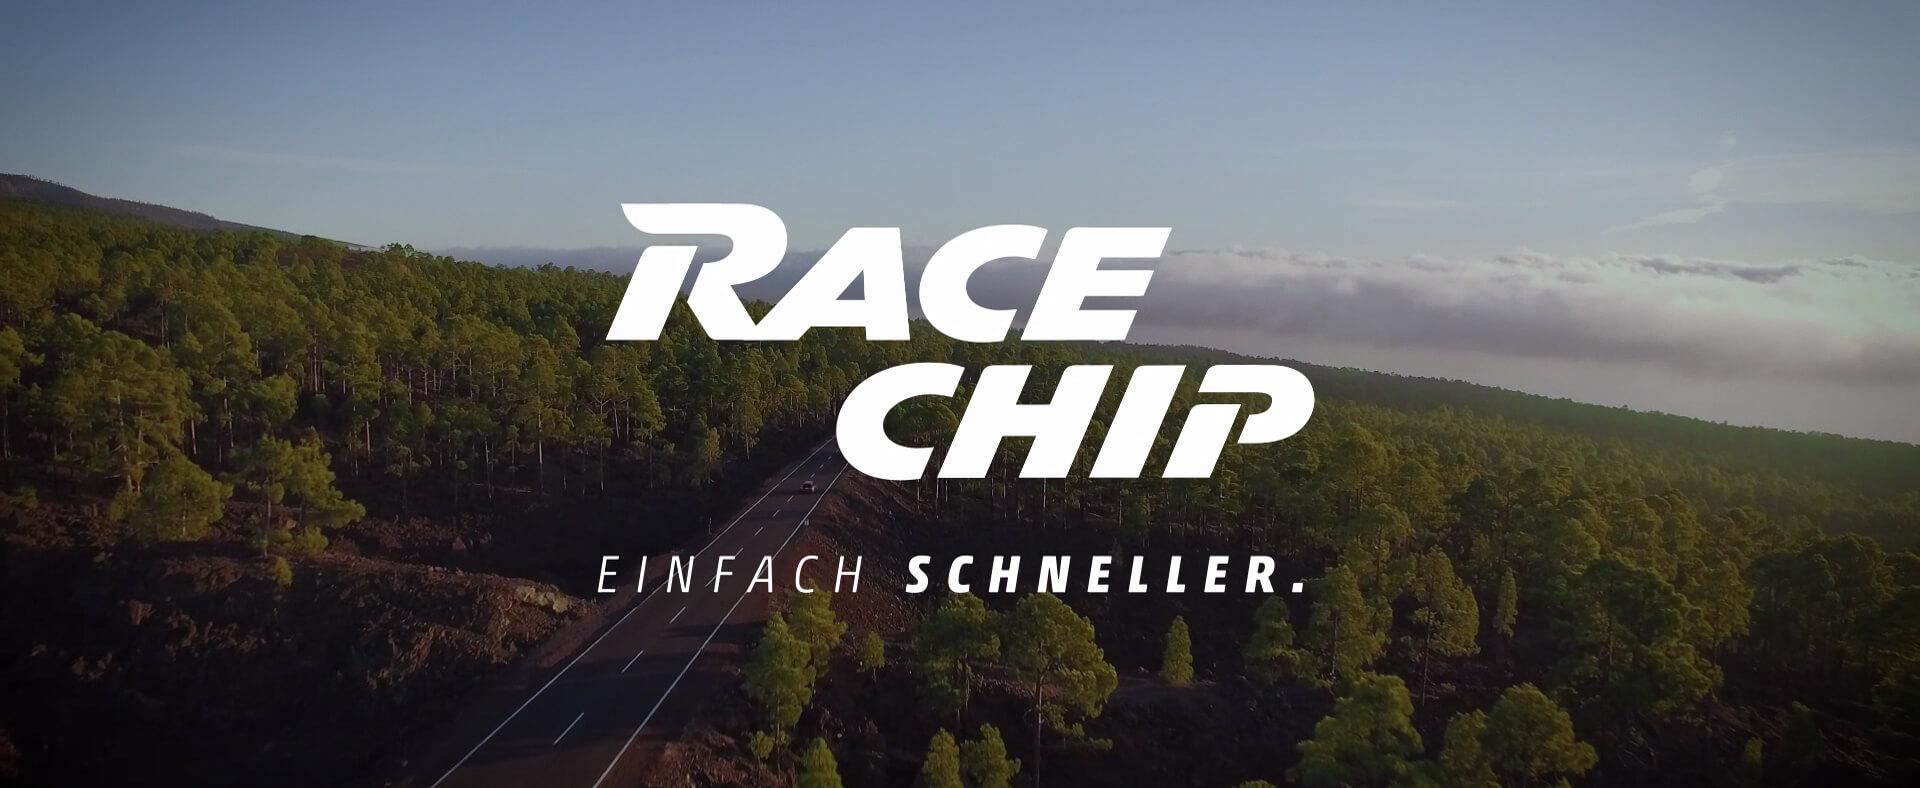 RaceChip Showcar knackt die 1000 NM